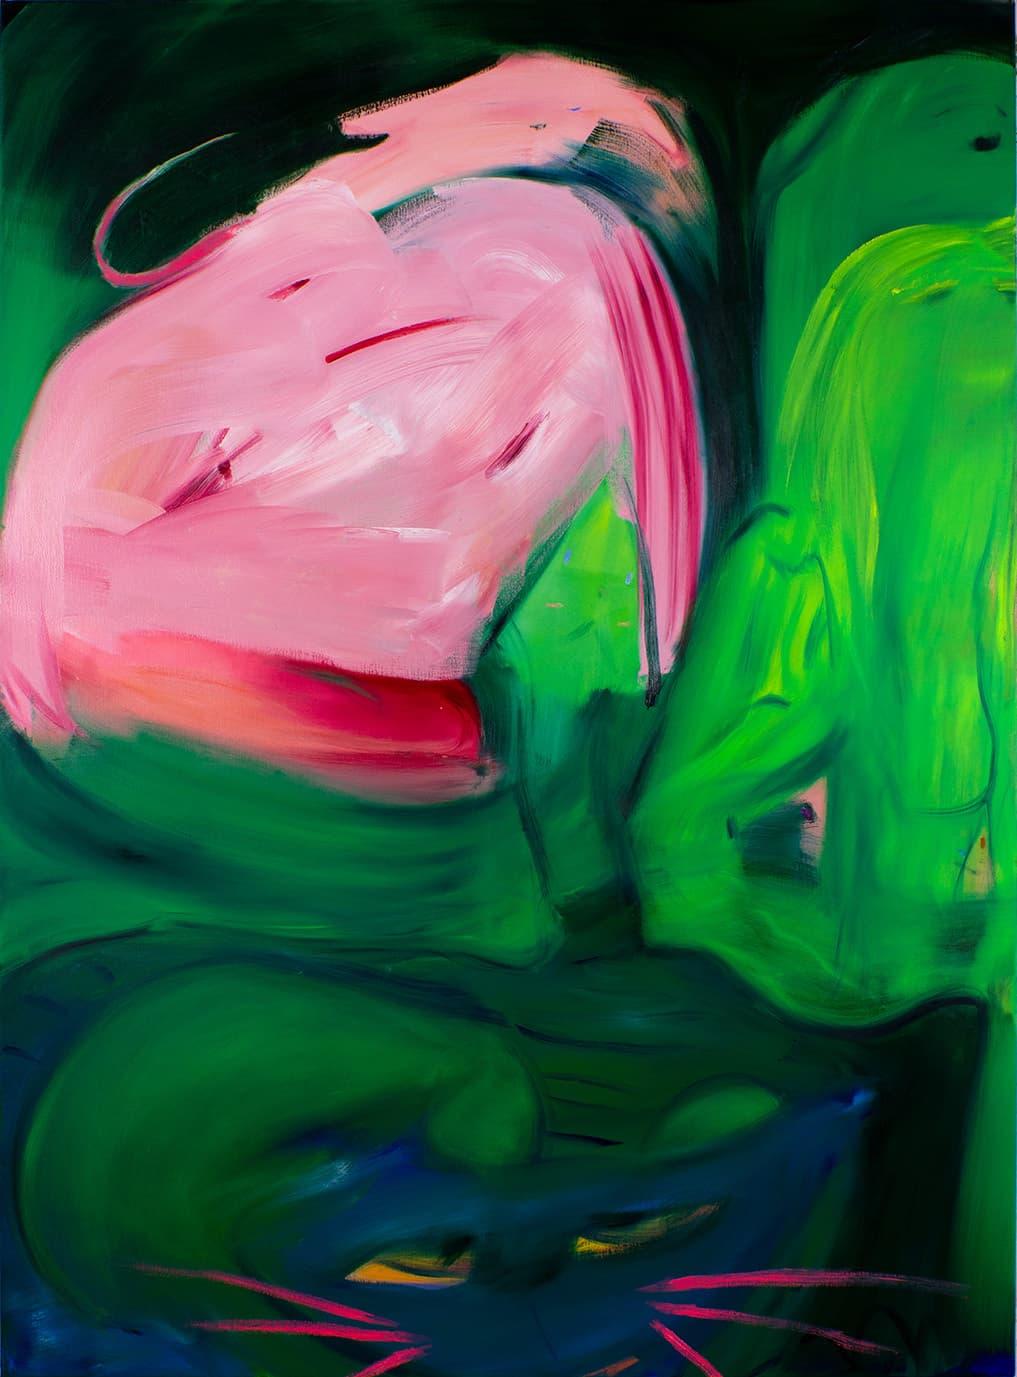 Aneta Kajzer, Katz und Maus, 2020, Öl auf Leinwand, 190 x 140cm, courtesy of CONRADS & the artist